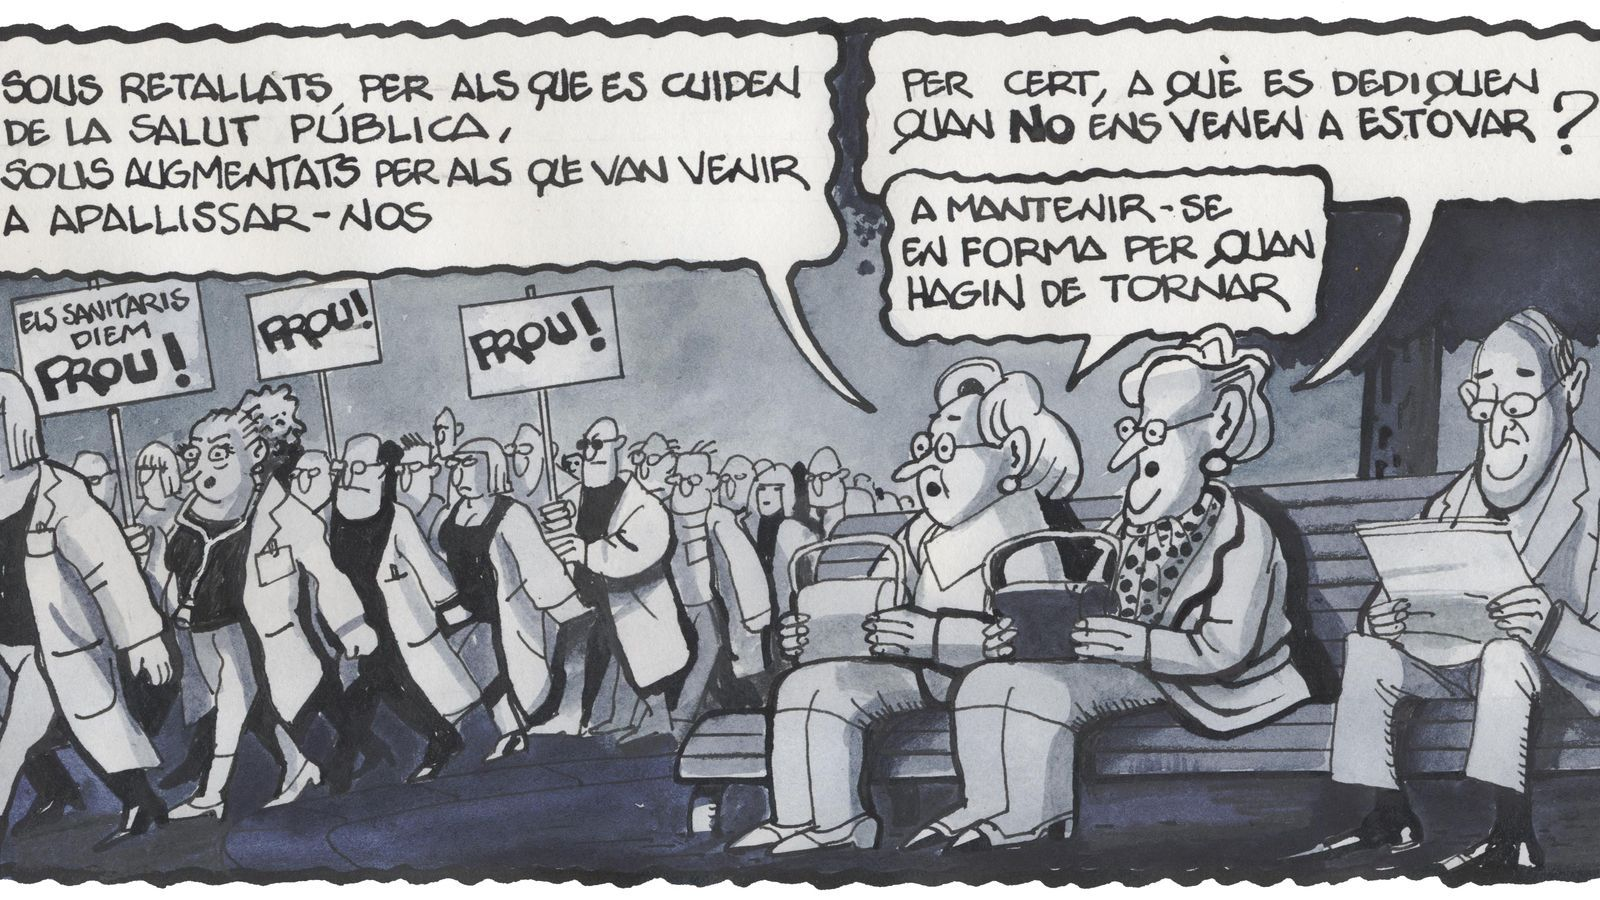 'A la contra', per Ferreres 16/10/2020